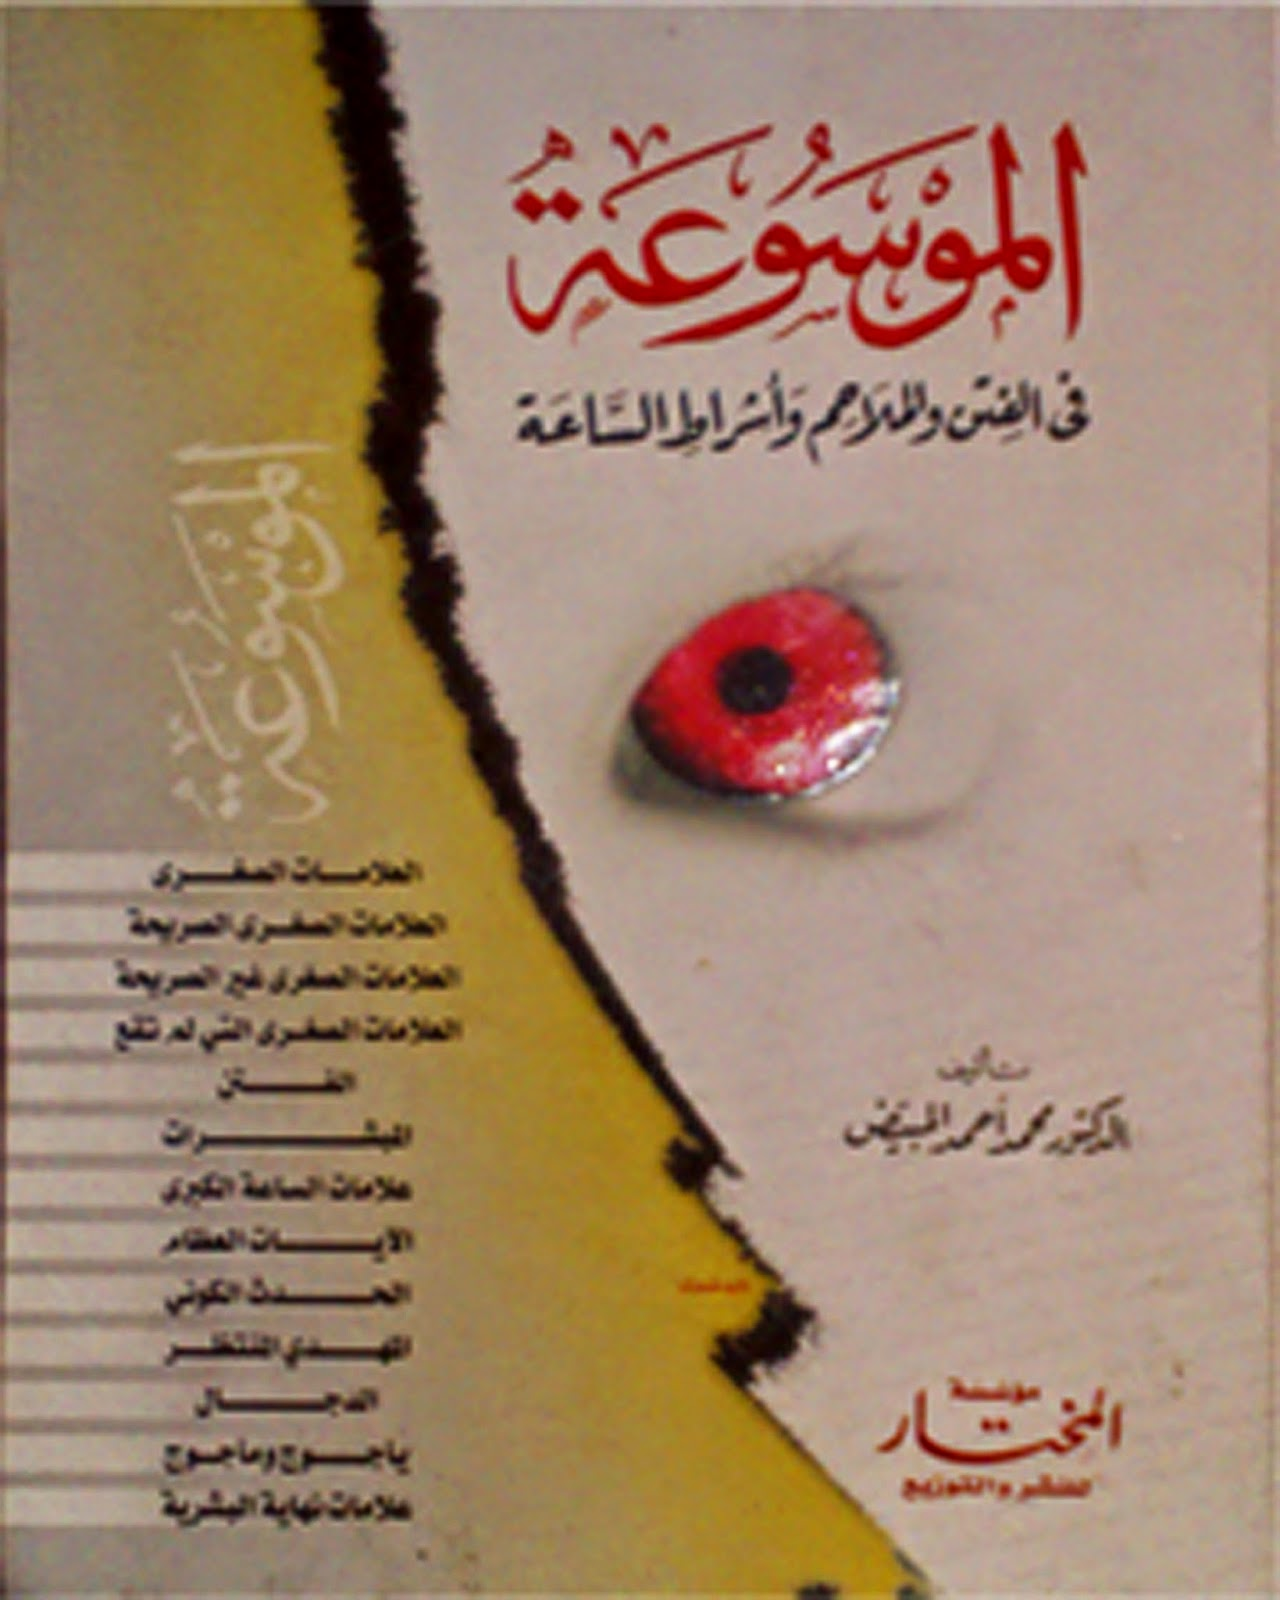 الموسوعة فى الفتن والملاحم وأشراط الساعة - محمد أحمد المبيض